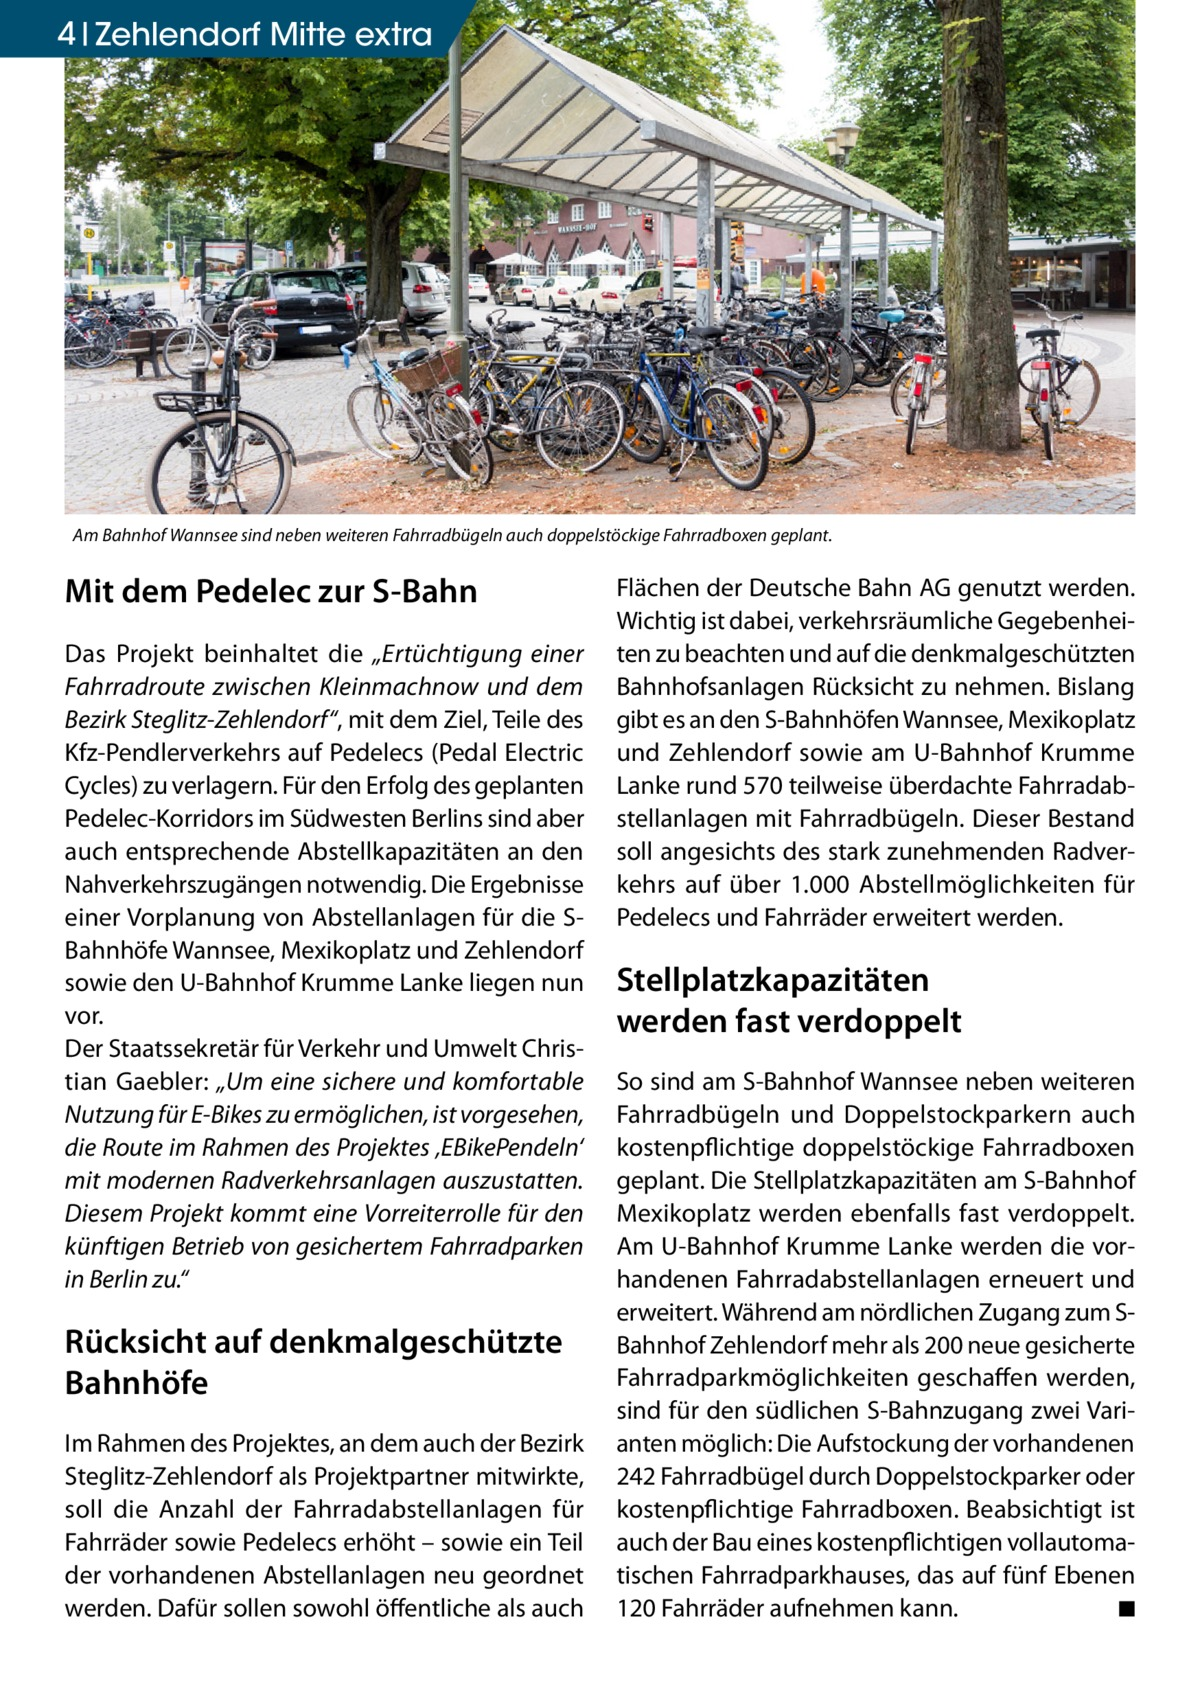 """4 Zehlendorf Mitte extra  Am Bahnhof Wannsee sind neben weiteren Fahrradbügeln auch doppelstöckige Fahrradboxen geplant.  Mit dem Pedelec zur S-Bahn Das Projekt beinhaltet die """"Ertüchtigung einer Fahrradroute zwischen Kleinmachnow und dem Bezirk Steglitz-Zehlendorf"""", mit dem Ziel, Teile des Kfz-Pendlerverkehrs auf Pedelecs (Pedal Electric Cycles) zu verlagern. Für den Erfolg des geplanten Pedelec-Korridors im Südwesten Berlins sind aber auch entsprechende Abstellkapazitäten an den Nahverkehrszugängen notwendig. Die Ergebnisse einer Vorplanung von Abstellanlagen für die SBahnhöfe Wannsee, Mexikoplatz und Zehlendorf sowie den U-Bahnhof Krumme Lanke liegen nun vor. Der Staatssekretär für Verkehr und Umwelt Christian Gaebler: """"Um eine sichere und komfortable Nutzung für E-Bikes zu ermöglichen, ist vorgesehen, die Route im Rahmen des Projektes 'EBikePendeln' mit modernen Radverkehrsanlagen auszustatten. Diesem Projekt kommt eine Vorreiterrolle für den künftigen Betrieb von gesichertem Fahrradparken in Berlin zu.""""  Rücksicht auf denkmalgeschützte Bahnhöfe Im Rahmen des Projektes, an dem auch der Bezirk Steglitz-Zehlendorf als Projektpartner mitwirkte, soll die Anzahl der Fahrradabstellanlagen für Fahrräder sowie Pedelecs erhöht – sowie ein Teil der vorhandenen Abstellanlagen neu geordnet werden. Dafür sollen sowohl öffentliche als auch  Flächen der Deutsche Bahn AG genutzt werden. Wichtig ist dabei, verkehrsräumliche Gegebenheiten zu beachten und auf die denkmalgeschützten Bahnhofsanlagen Rücksicht zu nehmen. Bislang gibt es an den S-Bahnhöfen Wannsee, Mexikoplatz und Zehlendorf sowie am U-Bahnhof Krumme Lanke rund 570 teilweise überdachte Fahrradabstellanlagen mit Fahrradbügeln. Dieser Bestand soll angesichts des stark zunehmenden Radverkehrs auf über 1.000 Abstellmöglichkeiten für Pedelecs und Fahrräder erweitert werden.  Stellplatzkapazitäten werden fast verdoppelt So sind am S-Bahnhof Wannsee neben weiteren Fahrradbügeln und Doppelstockparkern auch kostenpflichtige do"""